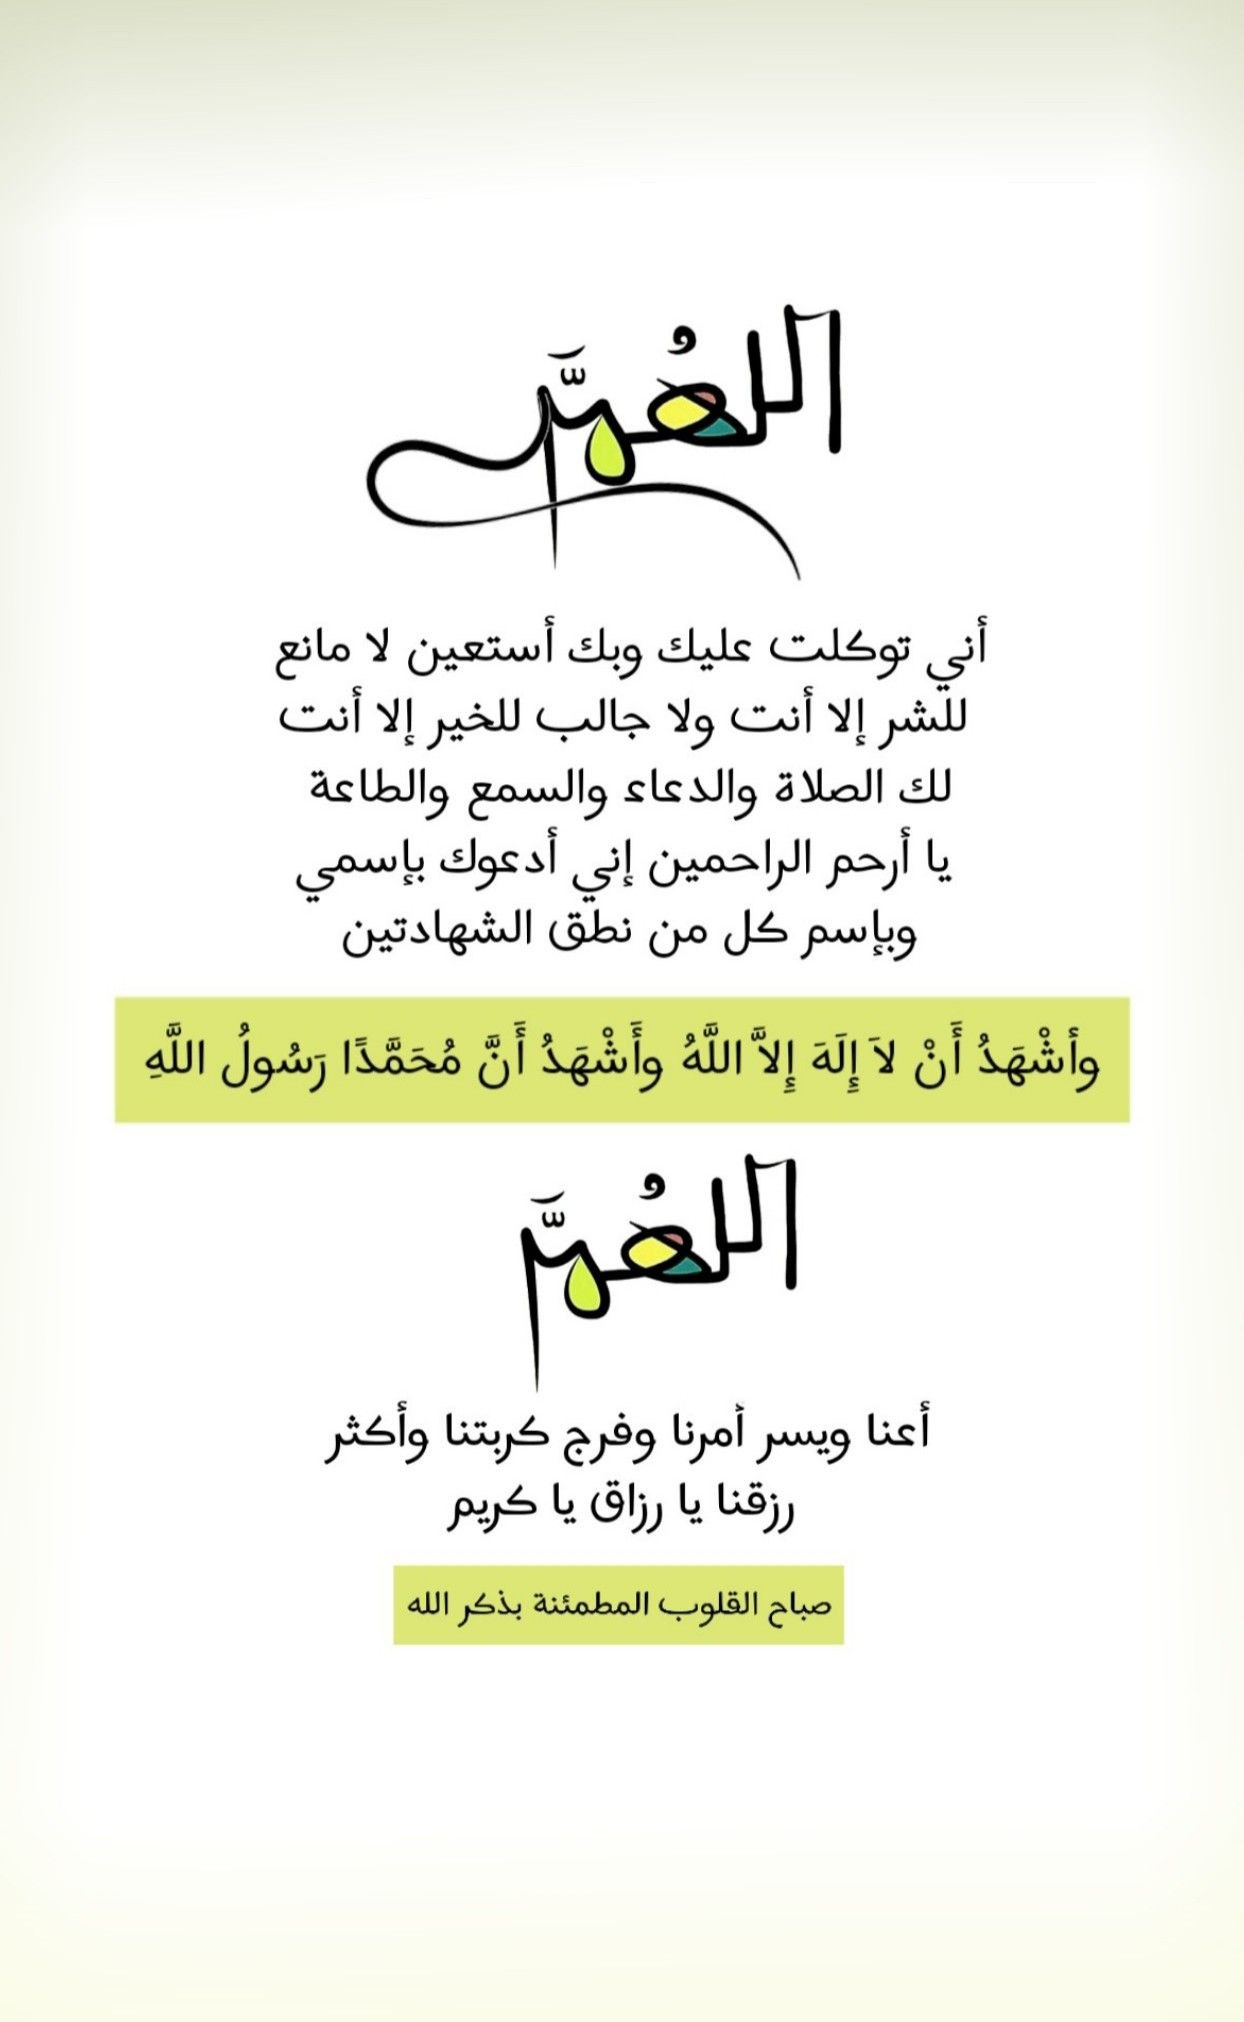 ا لل ه م أني توكلت عليك وبك استعين لا مانع للشر إلا أنت ولا جالب للخير إلا أنت لك الصلاة والدعا Good Morning Arabic Good Morning Greetings Islam Facts